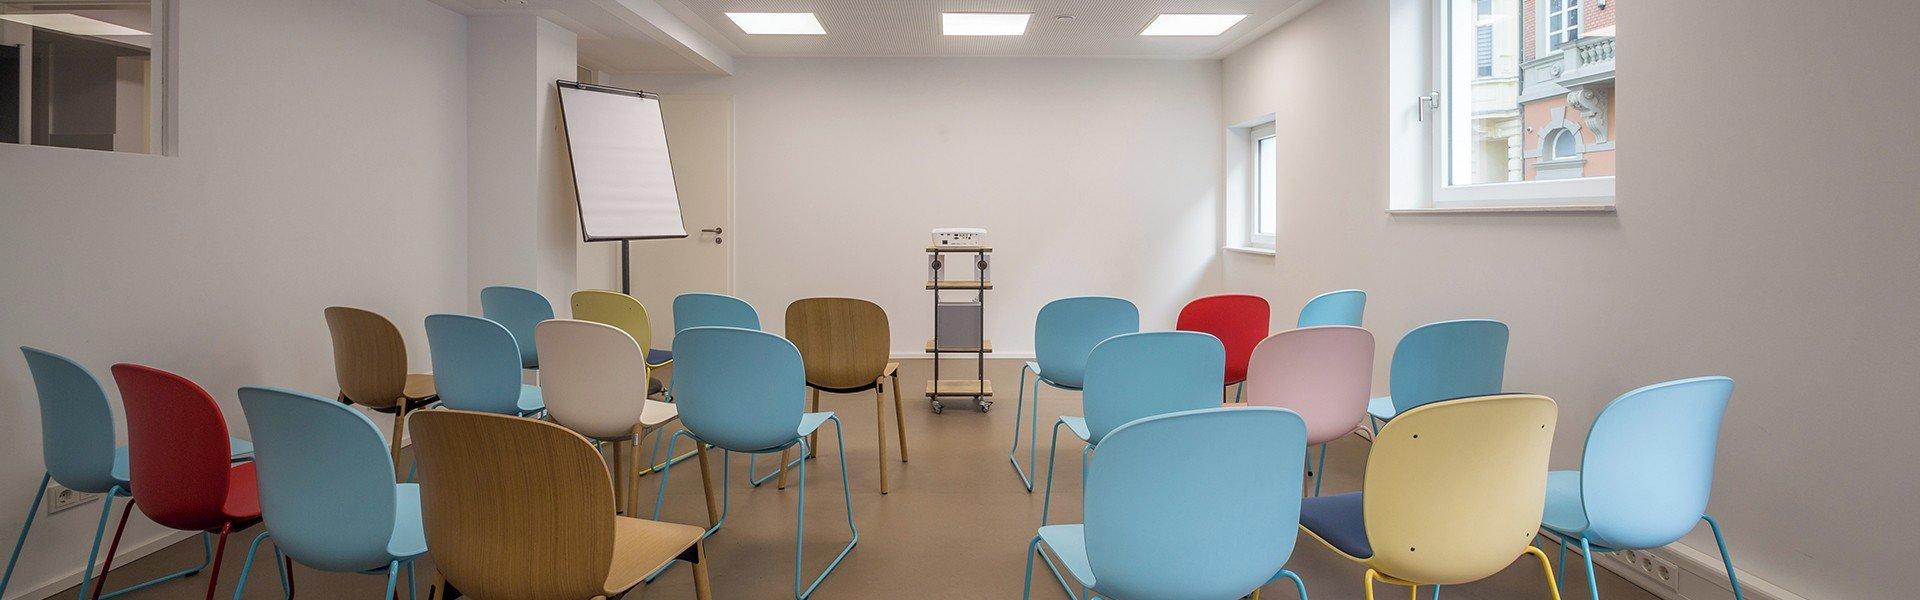 Cologne seminar rooms Salle de réunion COWOKI Coworking plus image 1